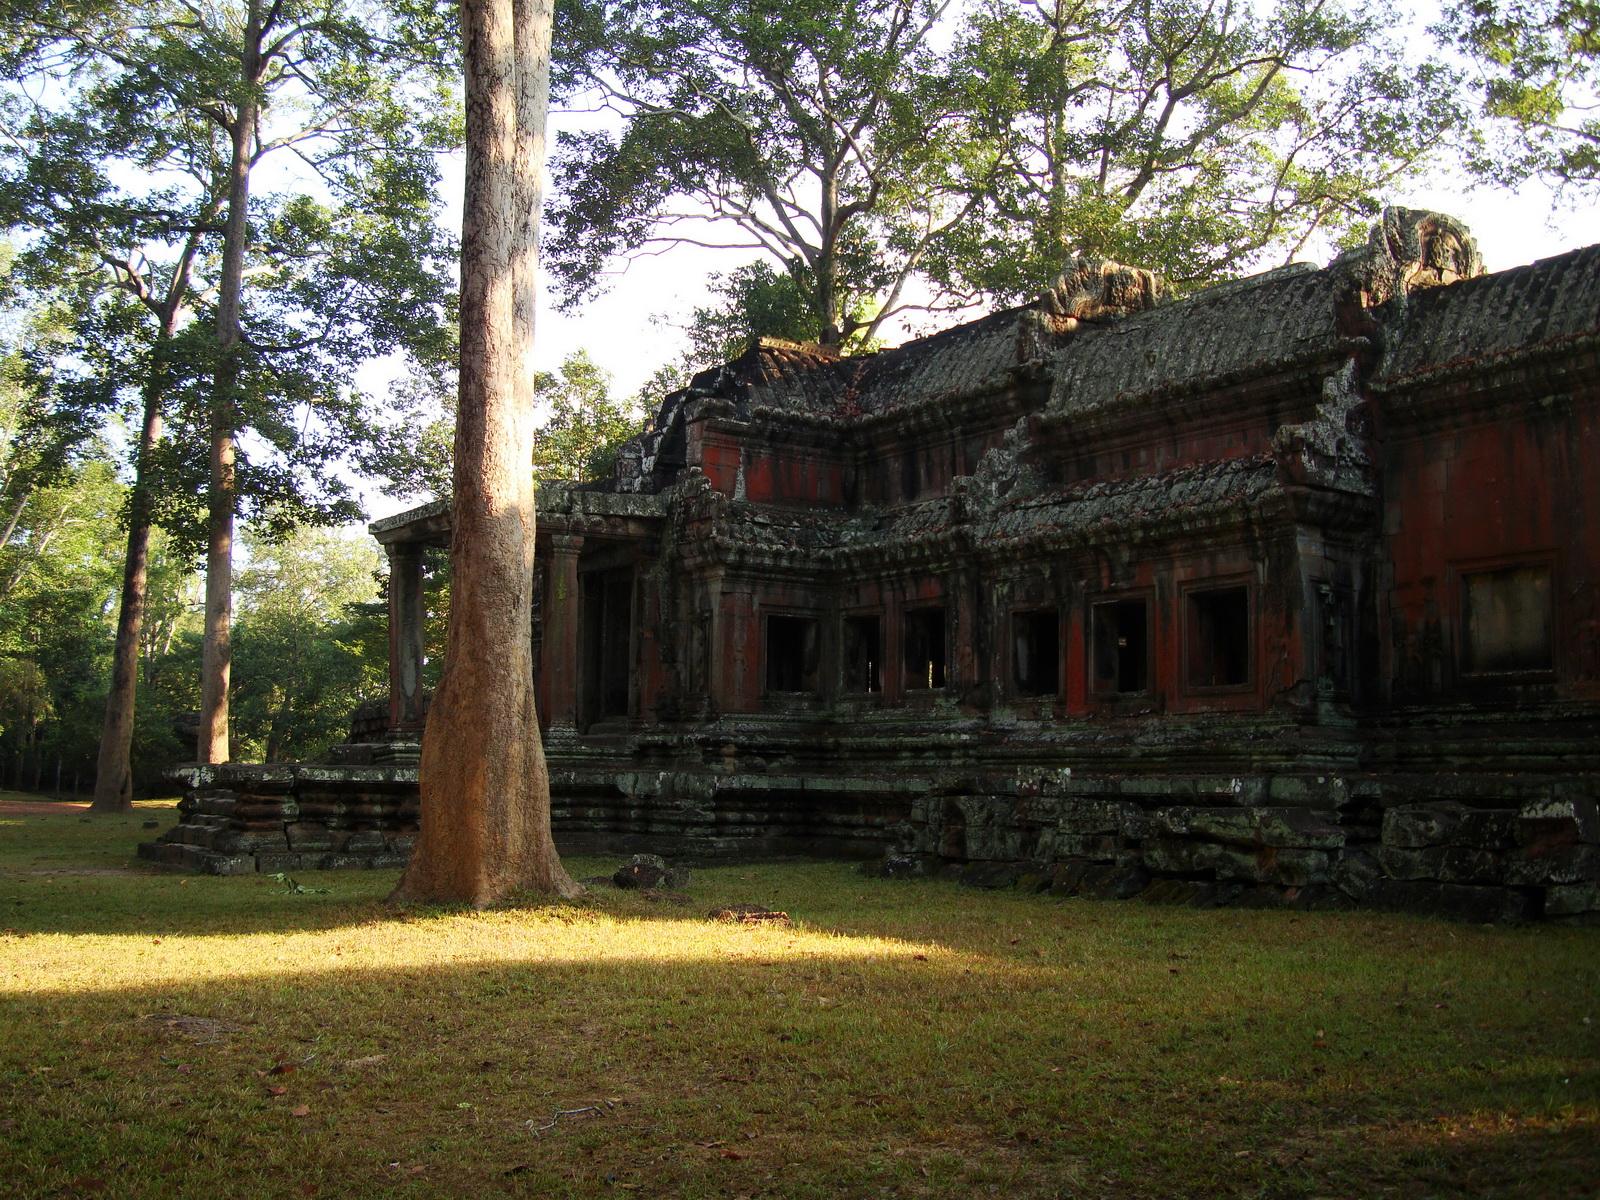 Angkor Wat approaches outer eastern Gopura Angkor Siem Reap 10